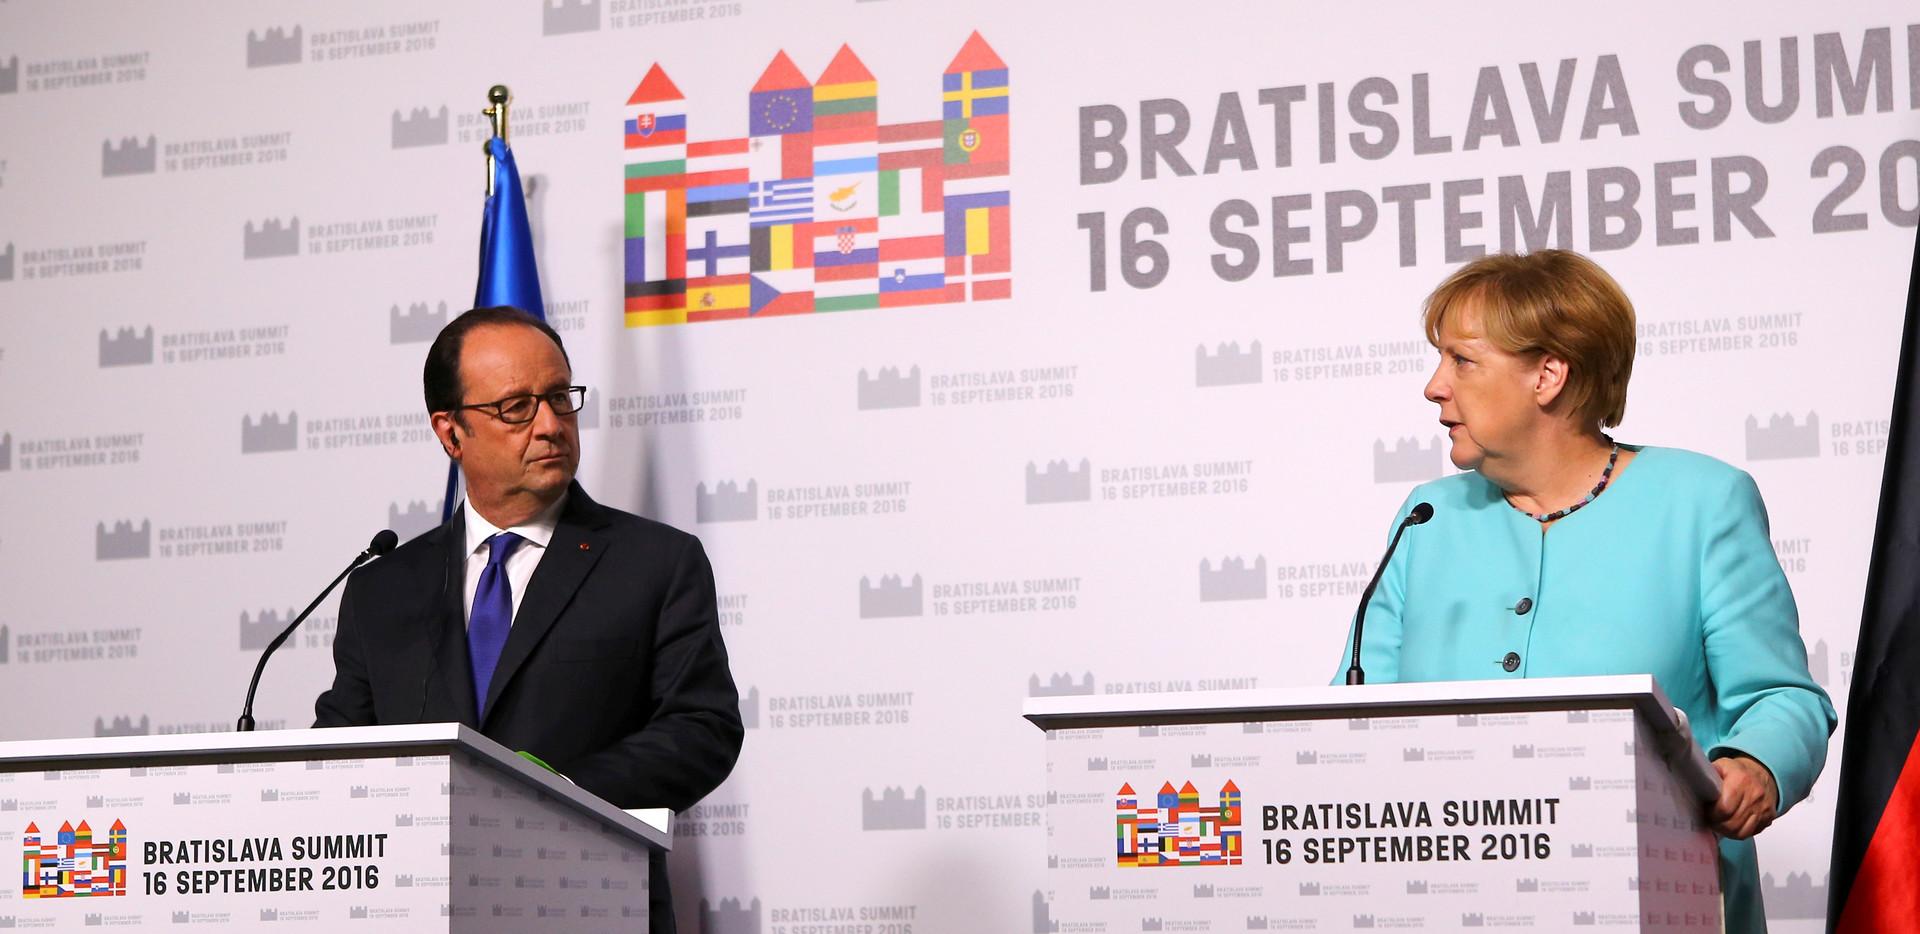 Bratislava Hollande et Merkel